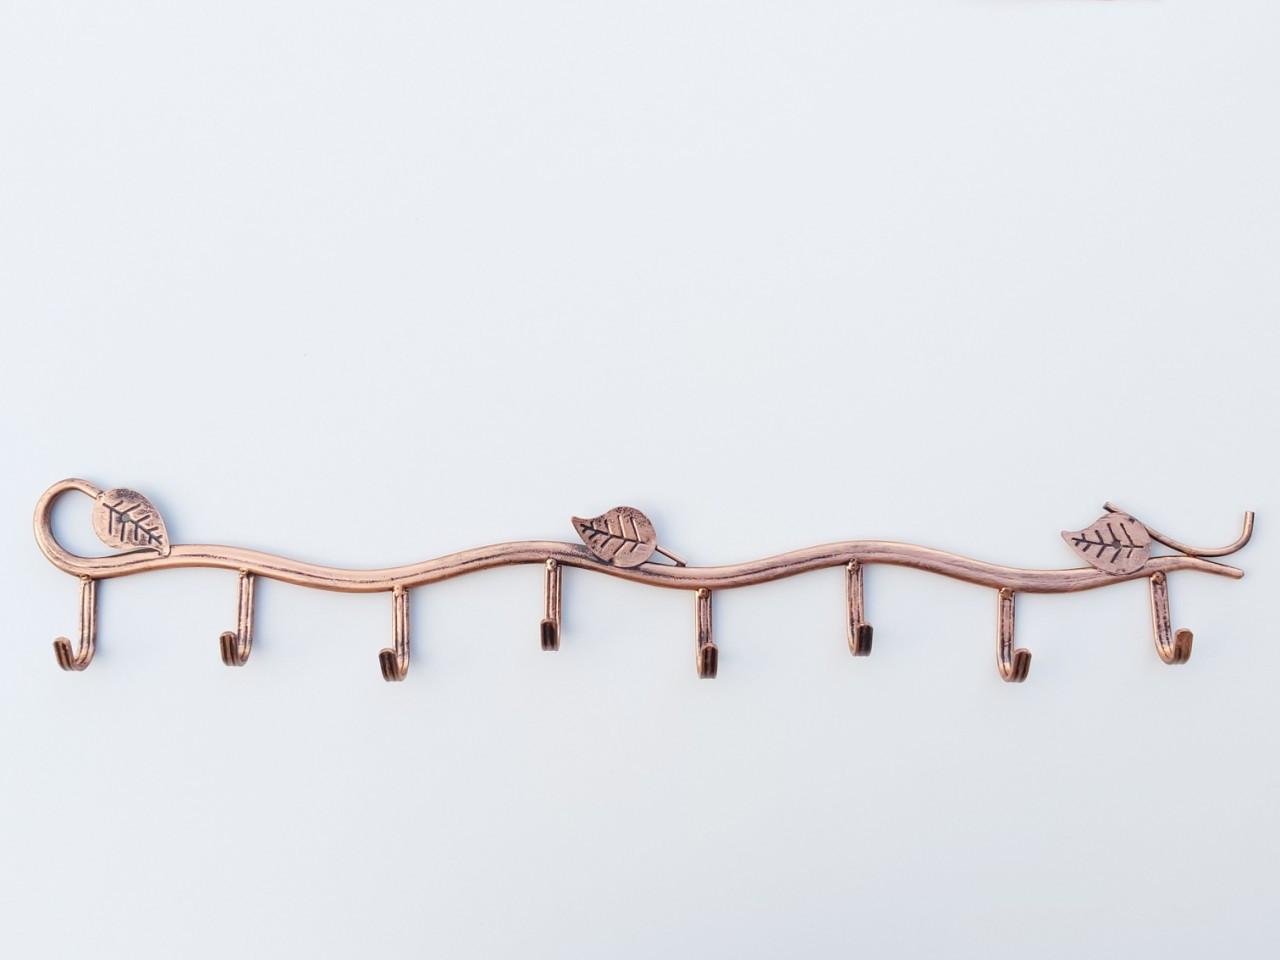 Вешалка настенная металлическая бронзового цвета в виде лозы на 8 крючков, длина 63,5 см